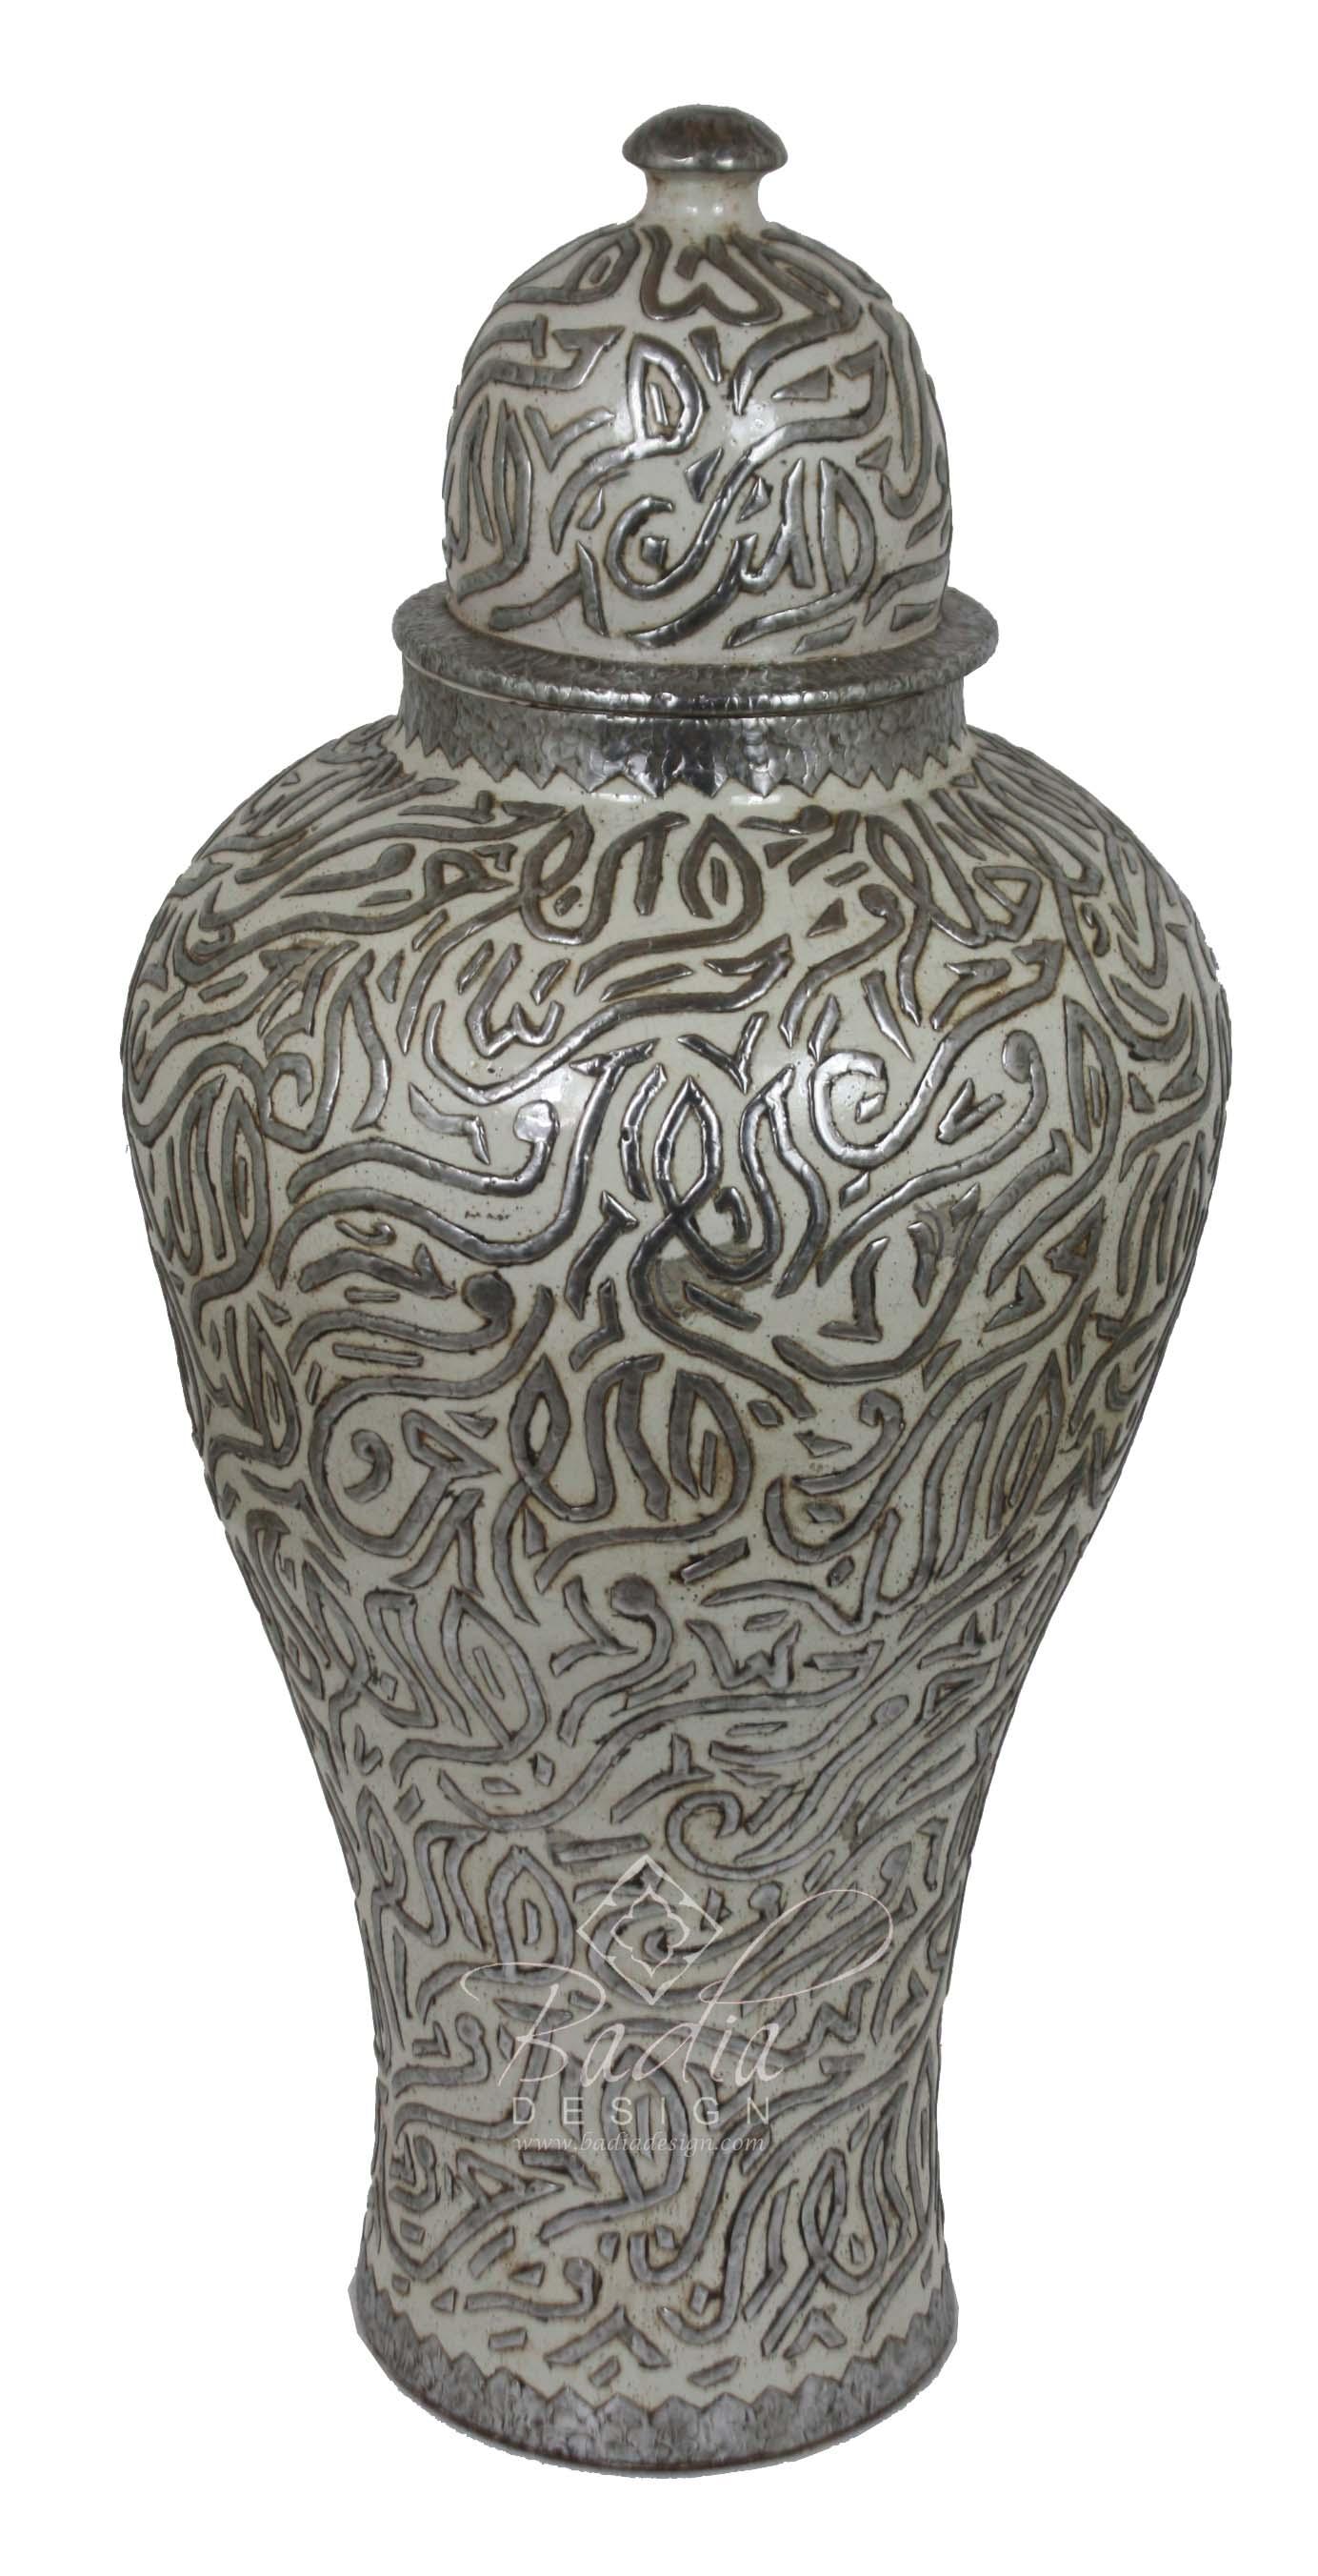 moroccan-hand-painted-metal-and-ceramic-urn-va083.jpg